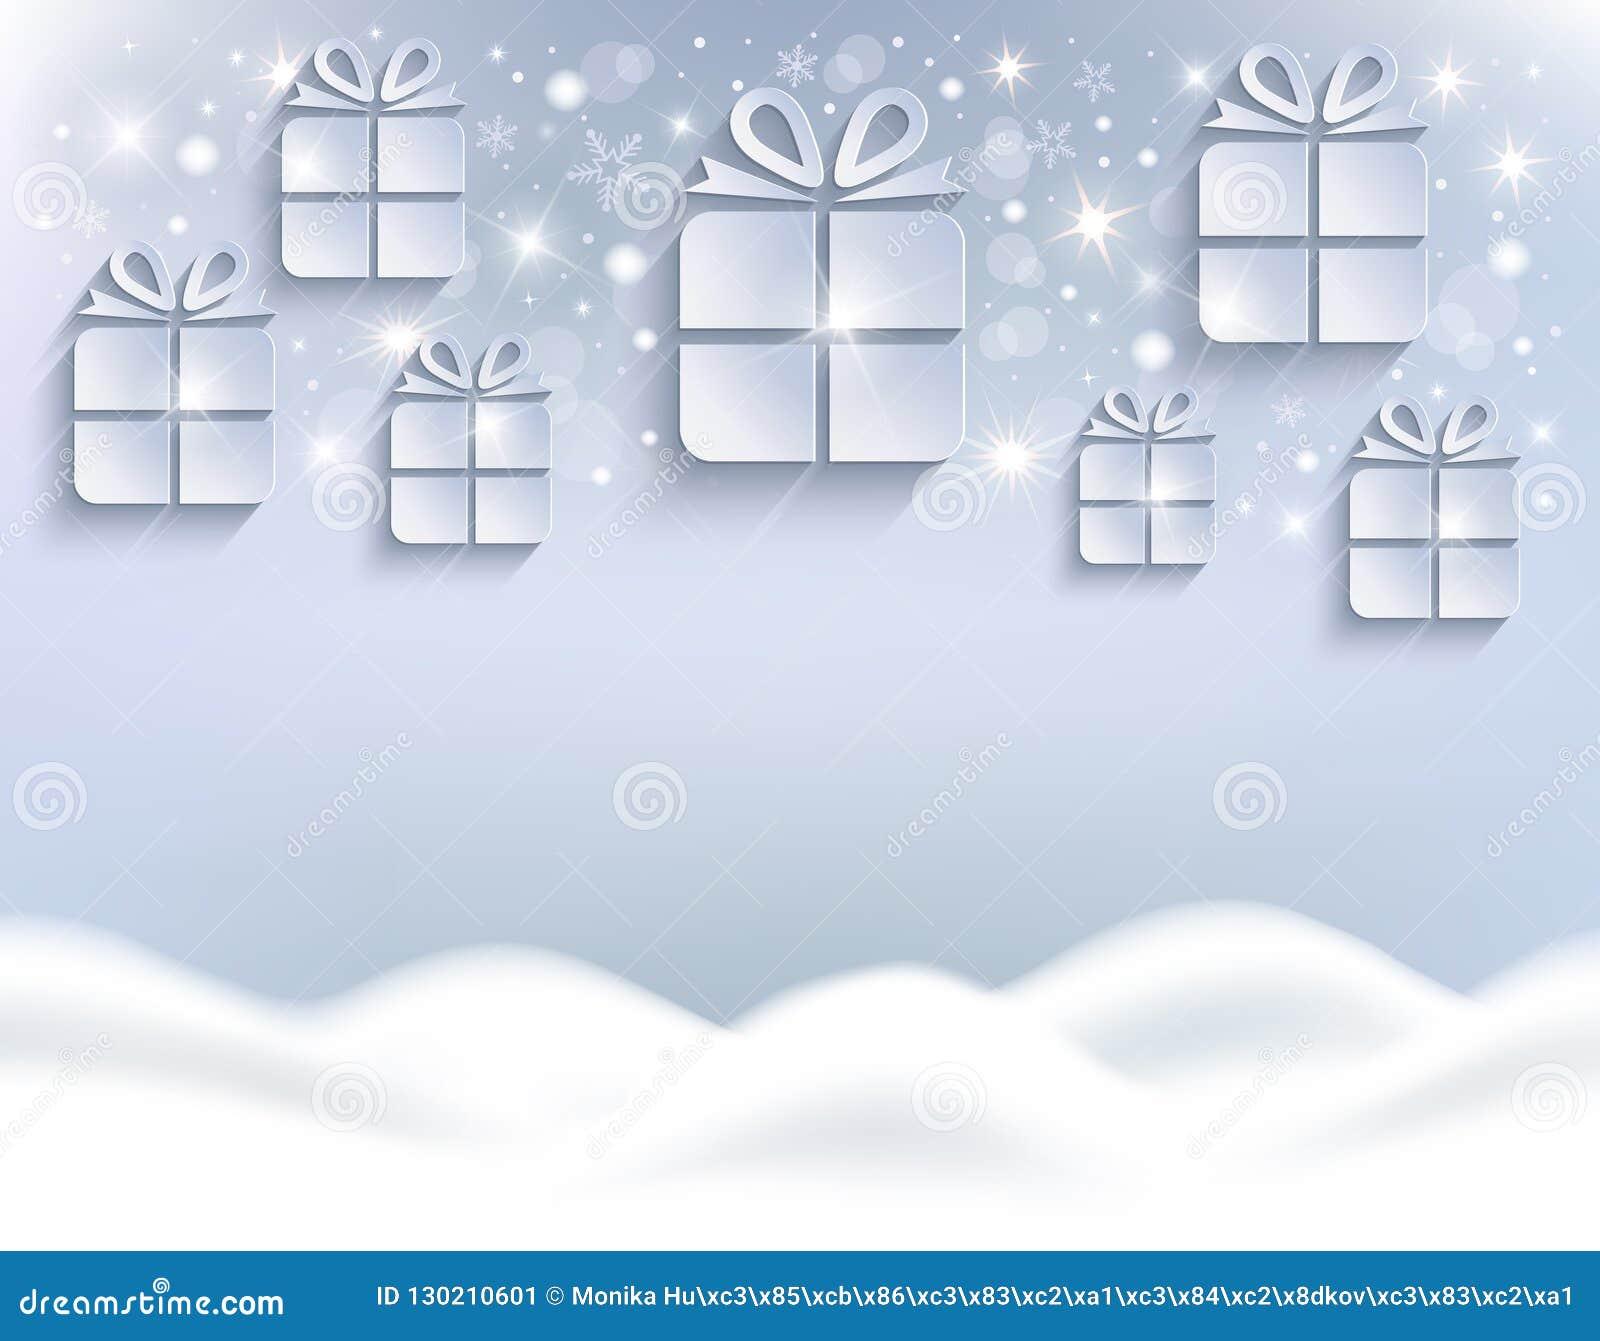 圣诞礼物背景白色贺卡的随风飘飞的雪